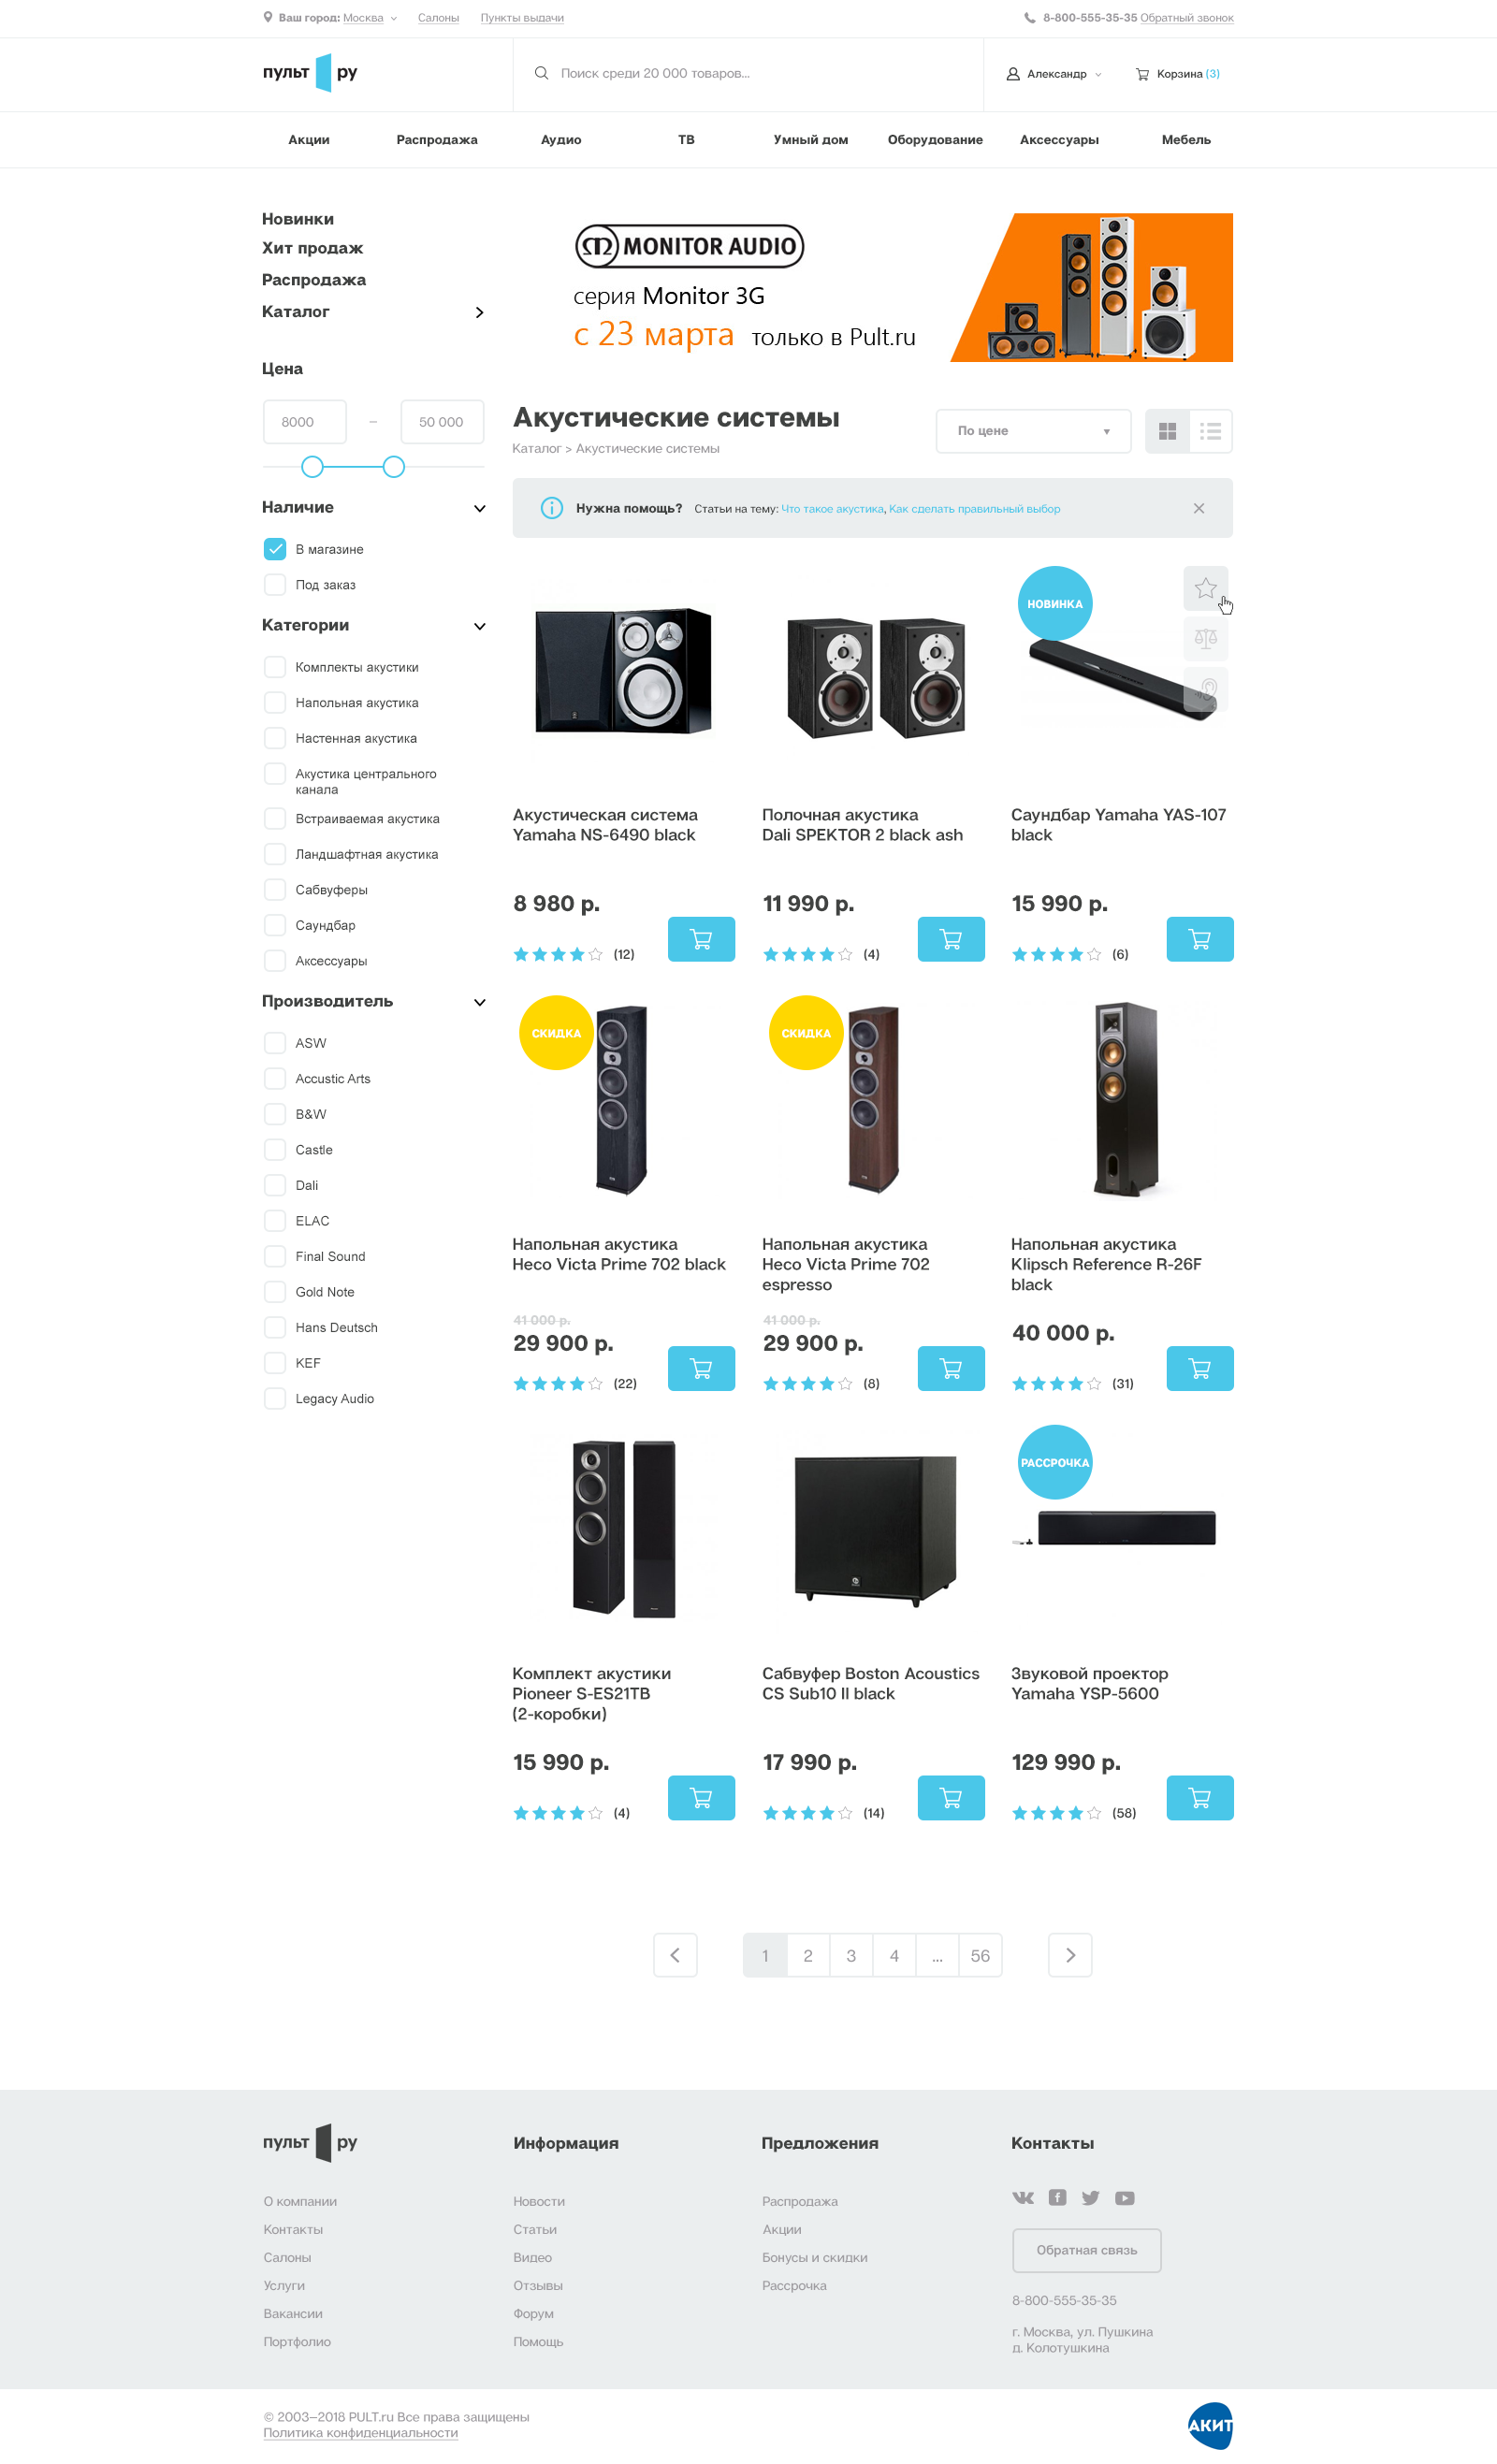 Дизайн 2ух страниц сайта PULT.ru фото f_6785b0bcf507fa00.png